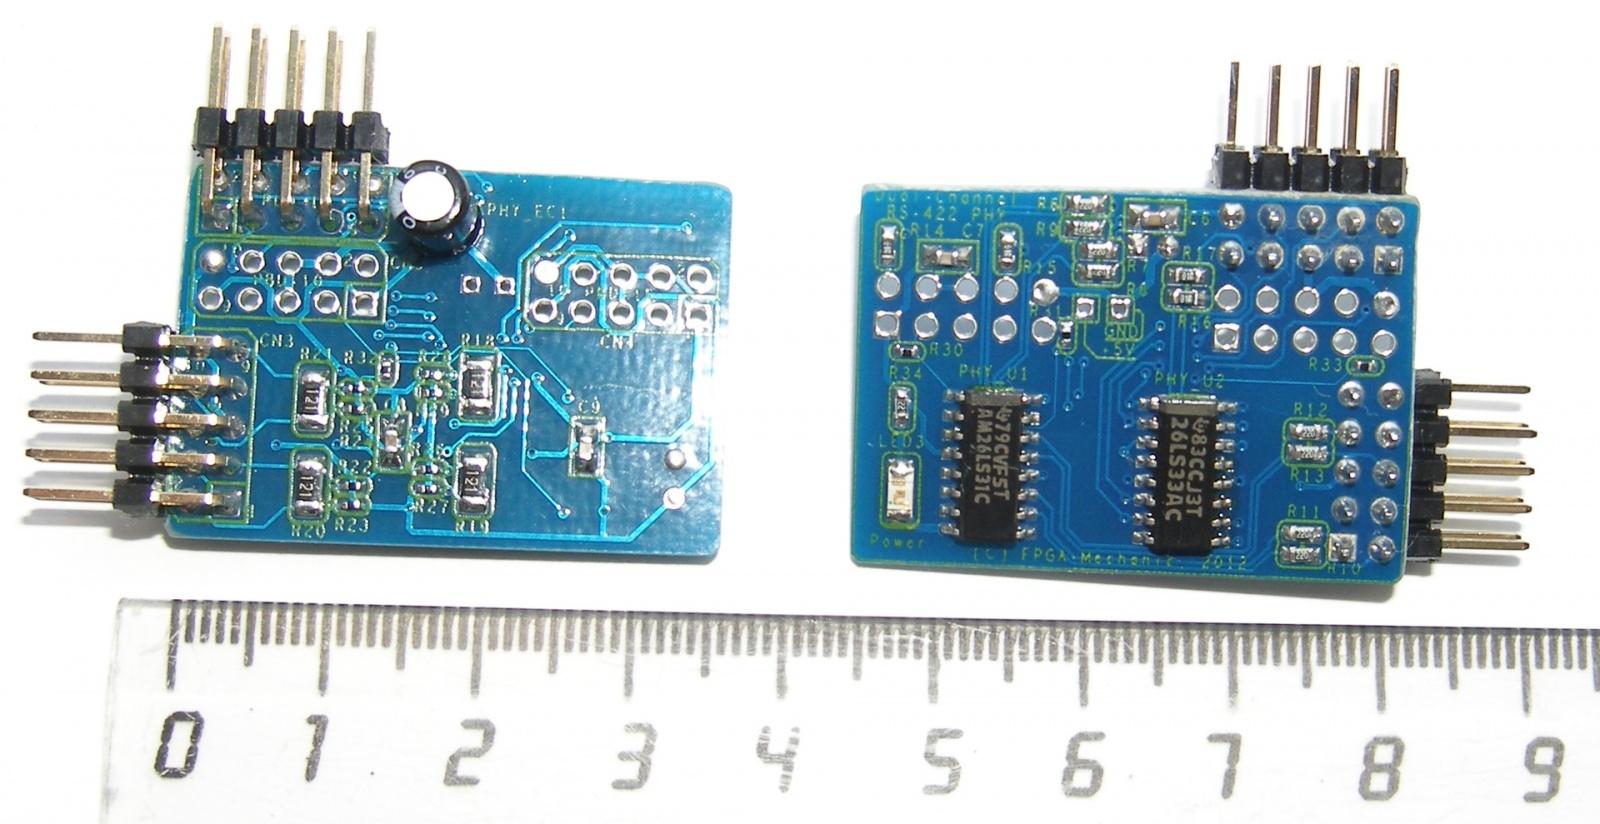 Адаптеры сопряжения RS-422 с поддержкой скоростей до 1Мбод для системной шины PCI - 22